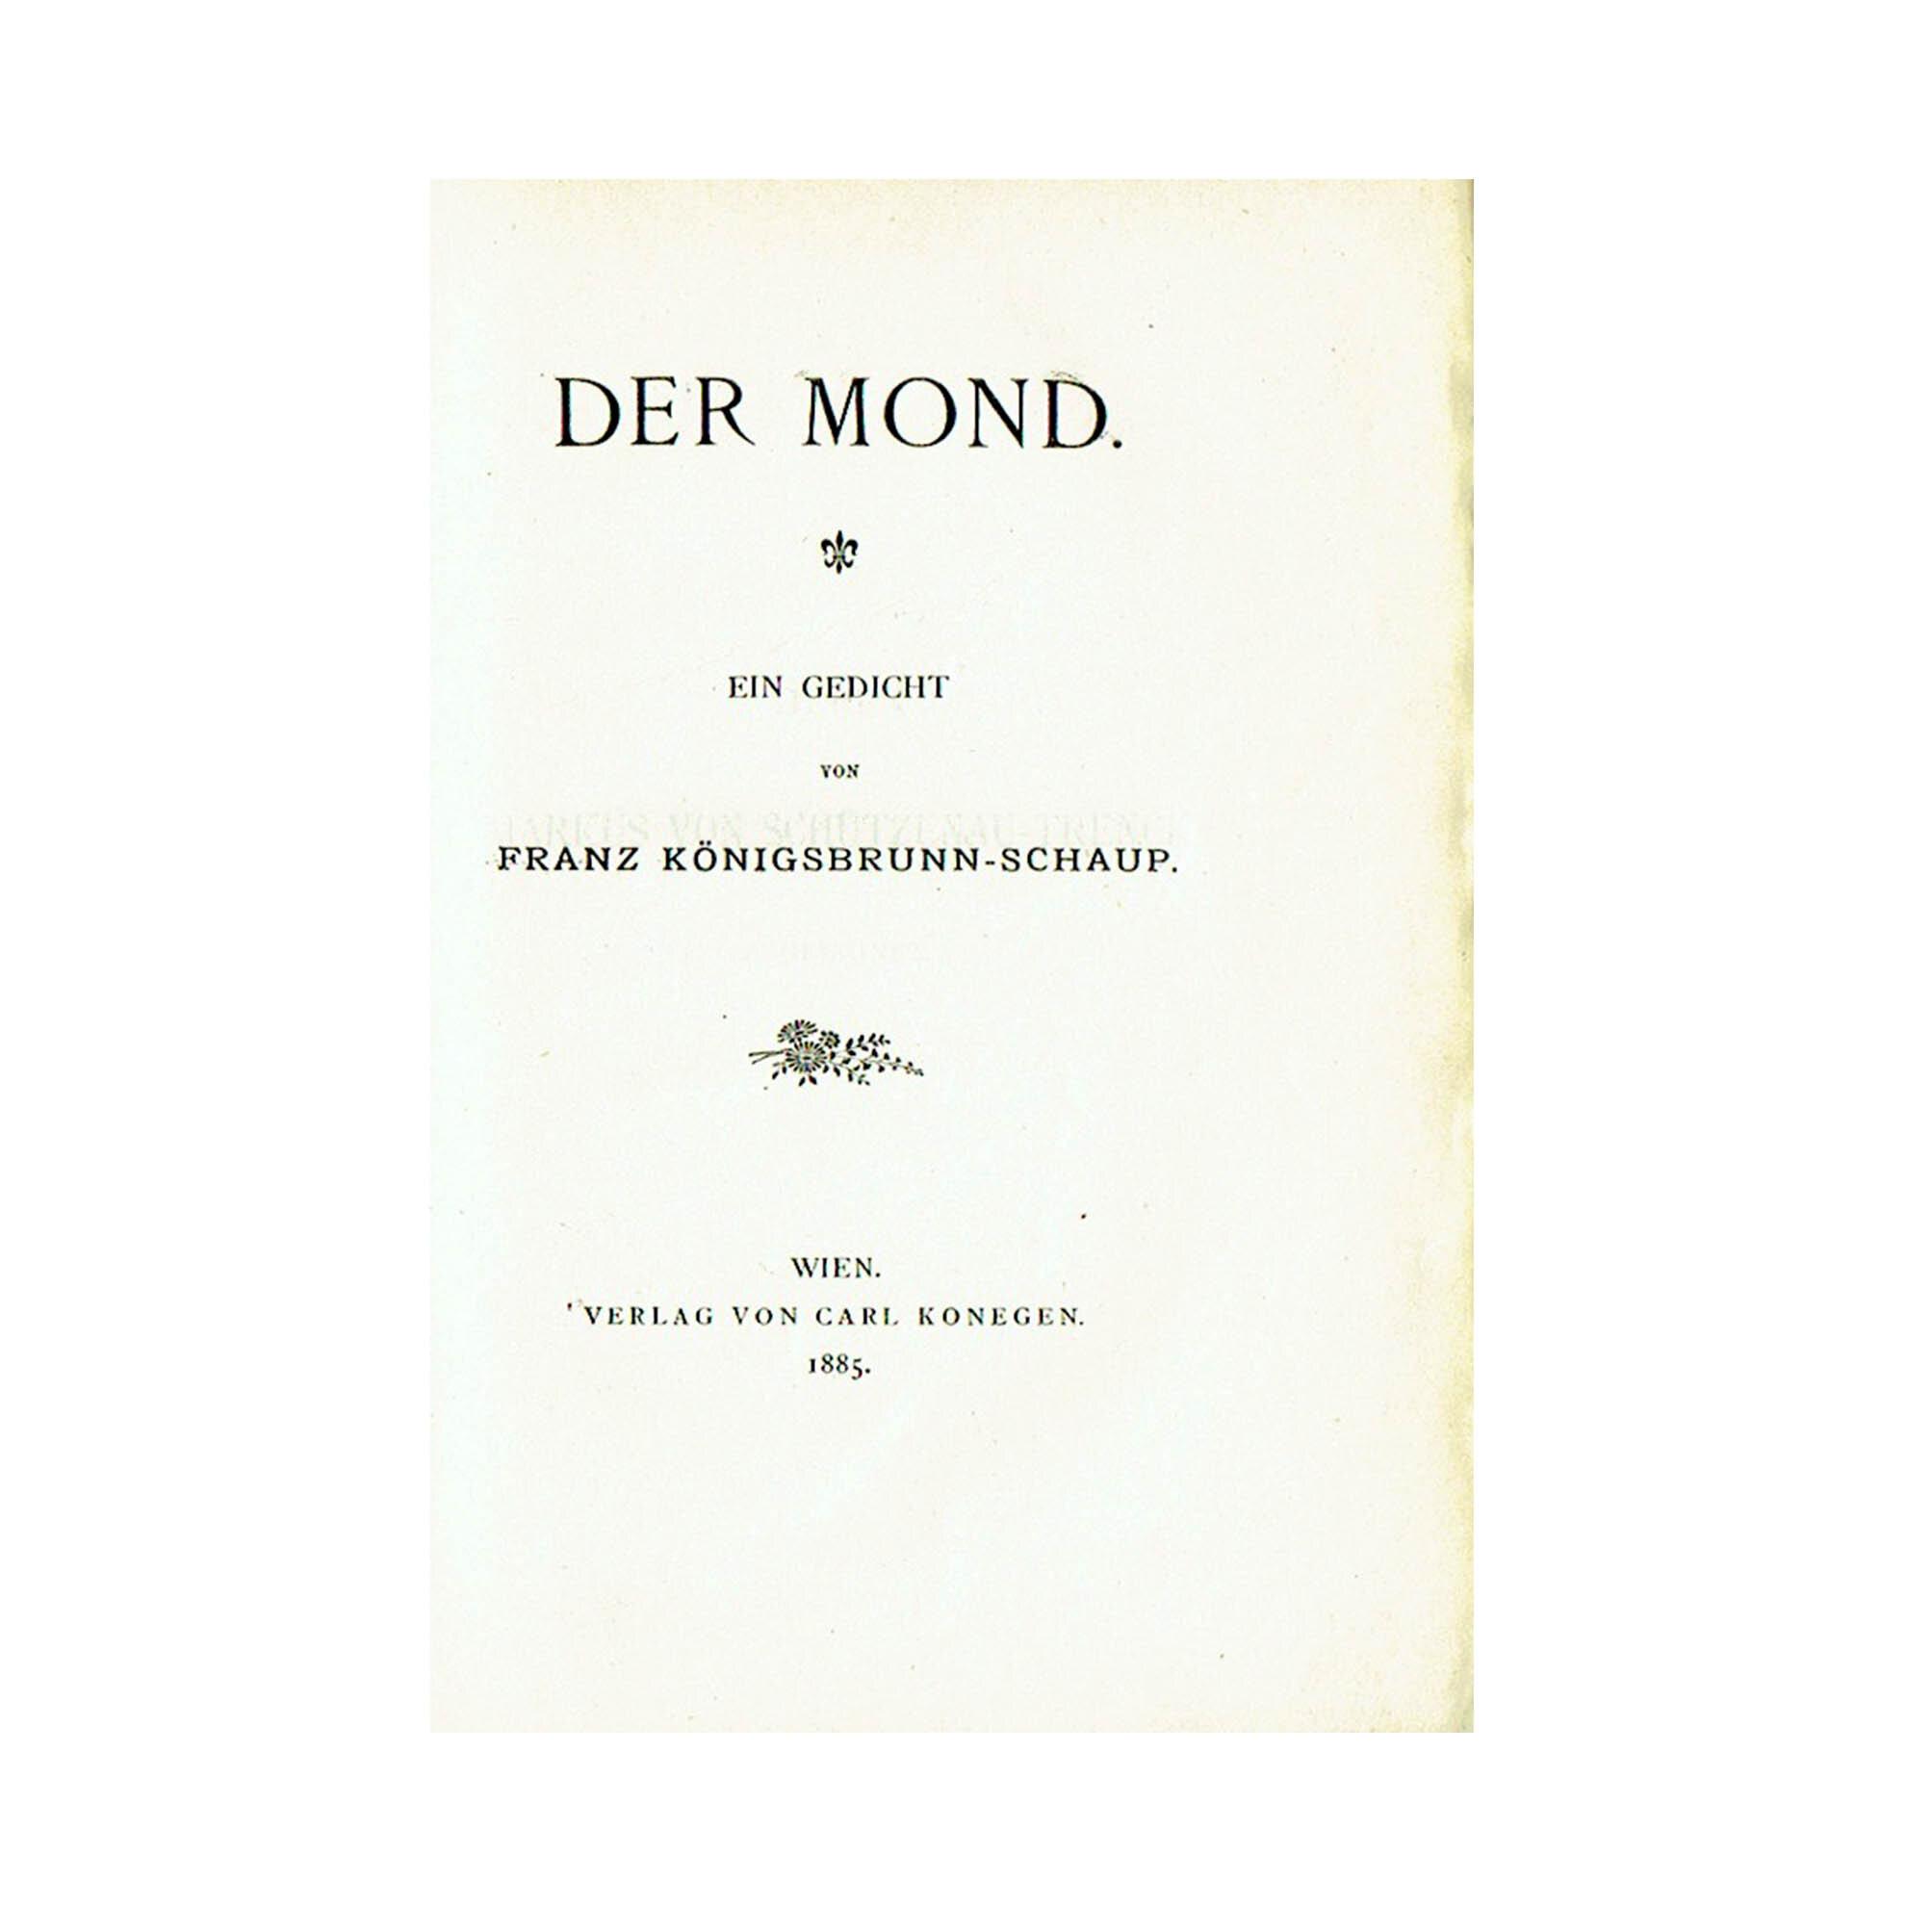 Nahezu Verschollene Wiener Erstausgabe Mit Reicher Provenienz 1885